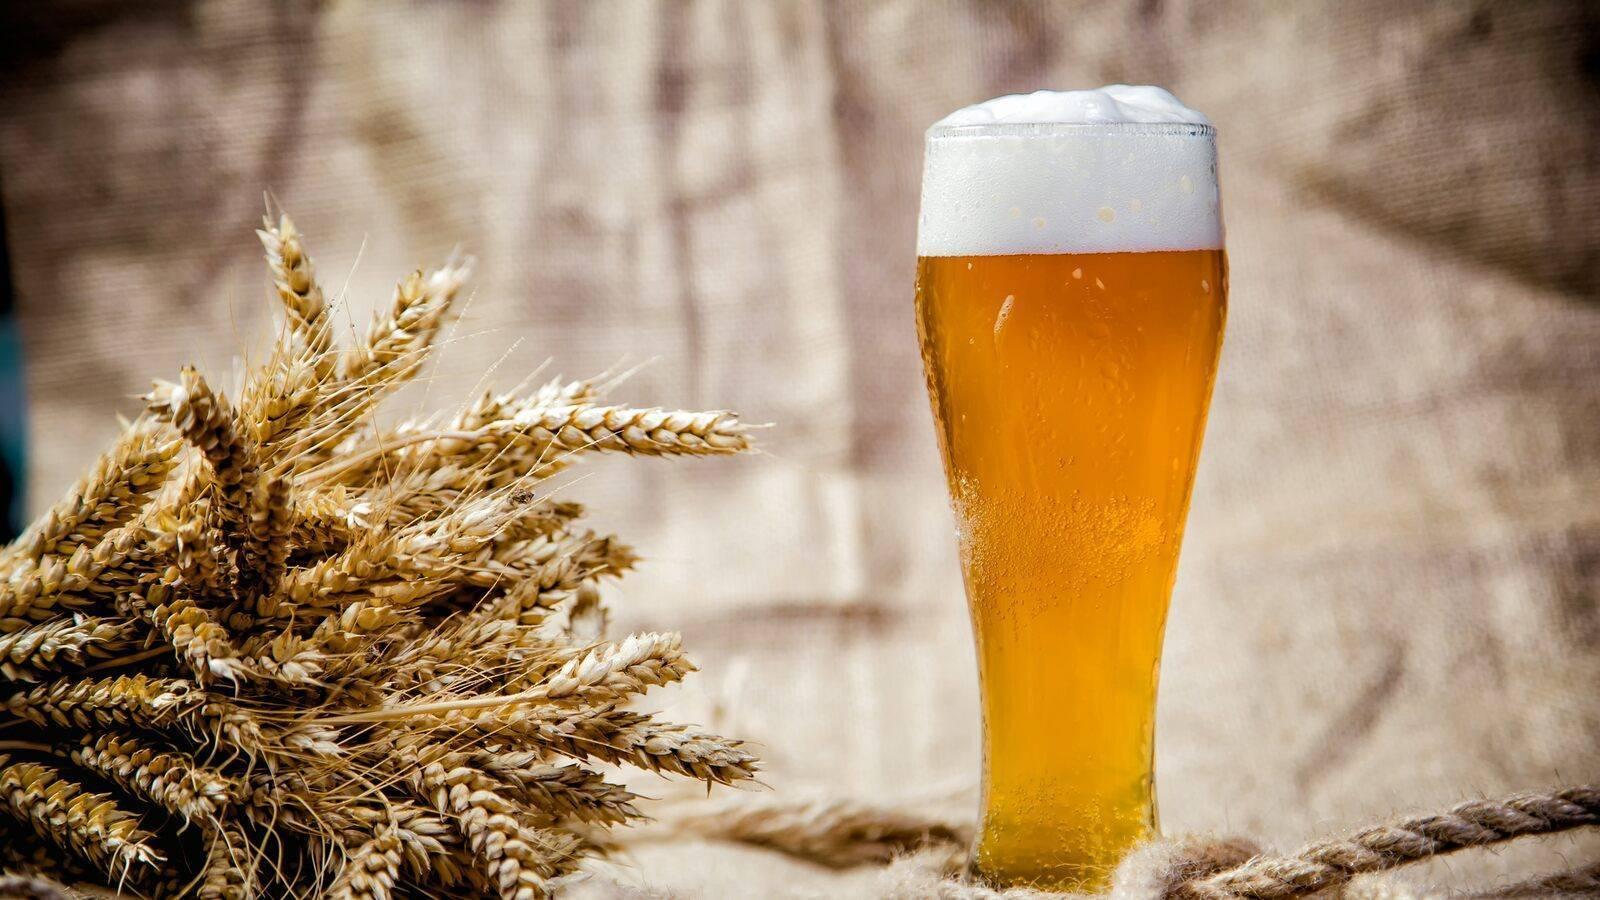 Пшеничное пиво: рецепты приготовления в домашних условиях